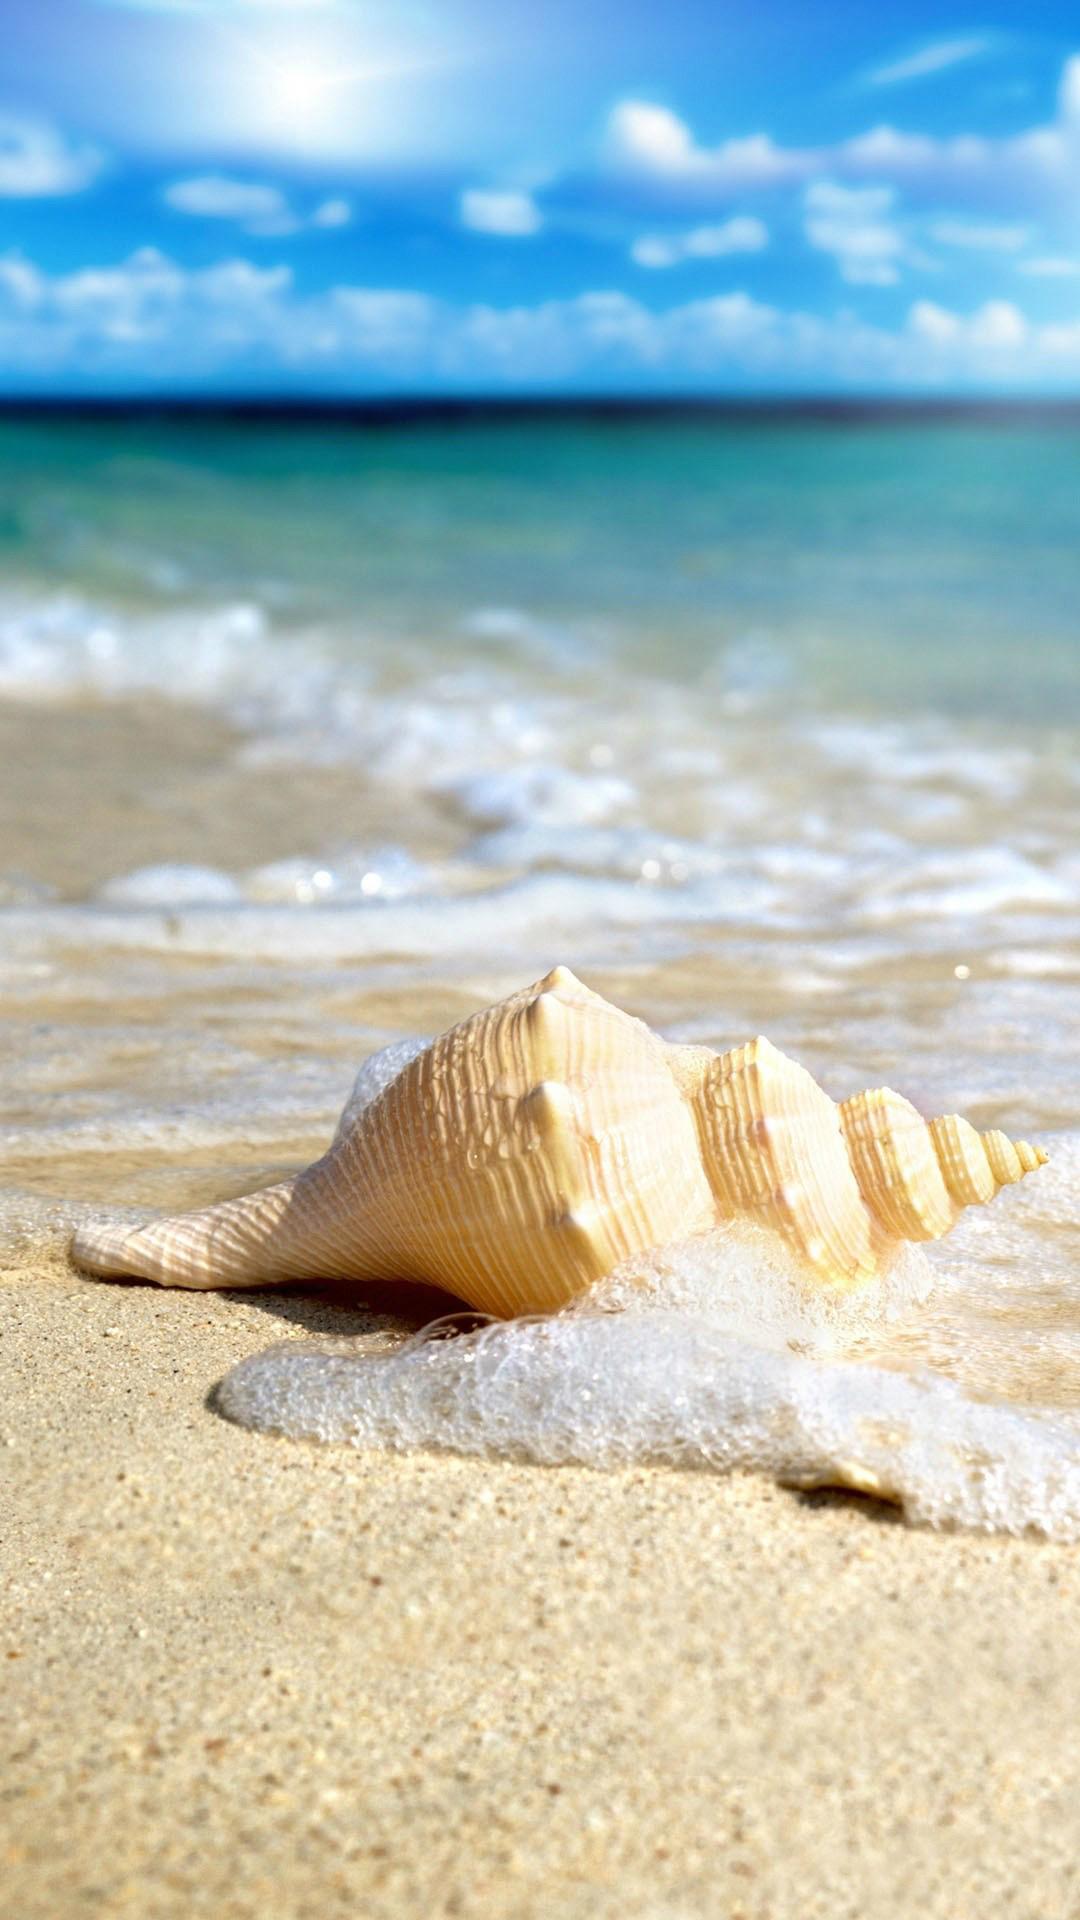 大海 海滩 海螺 蓝天 苹果手机高清壁纸 1080x1920